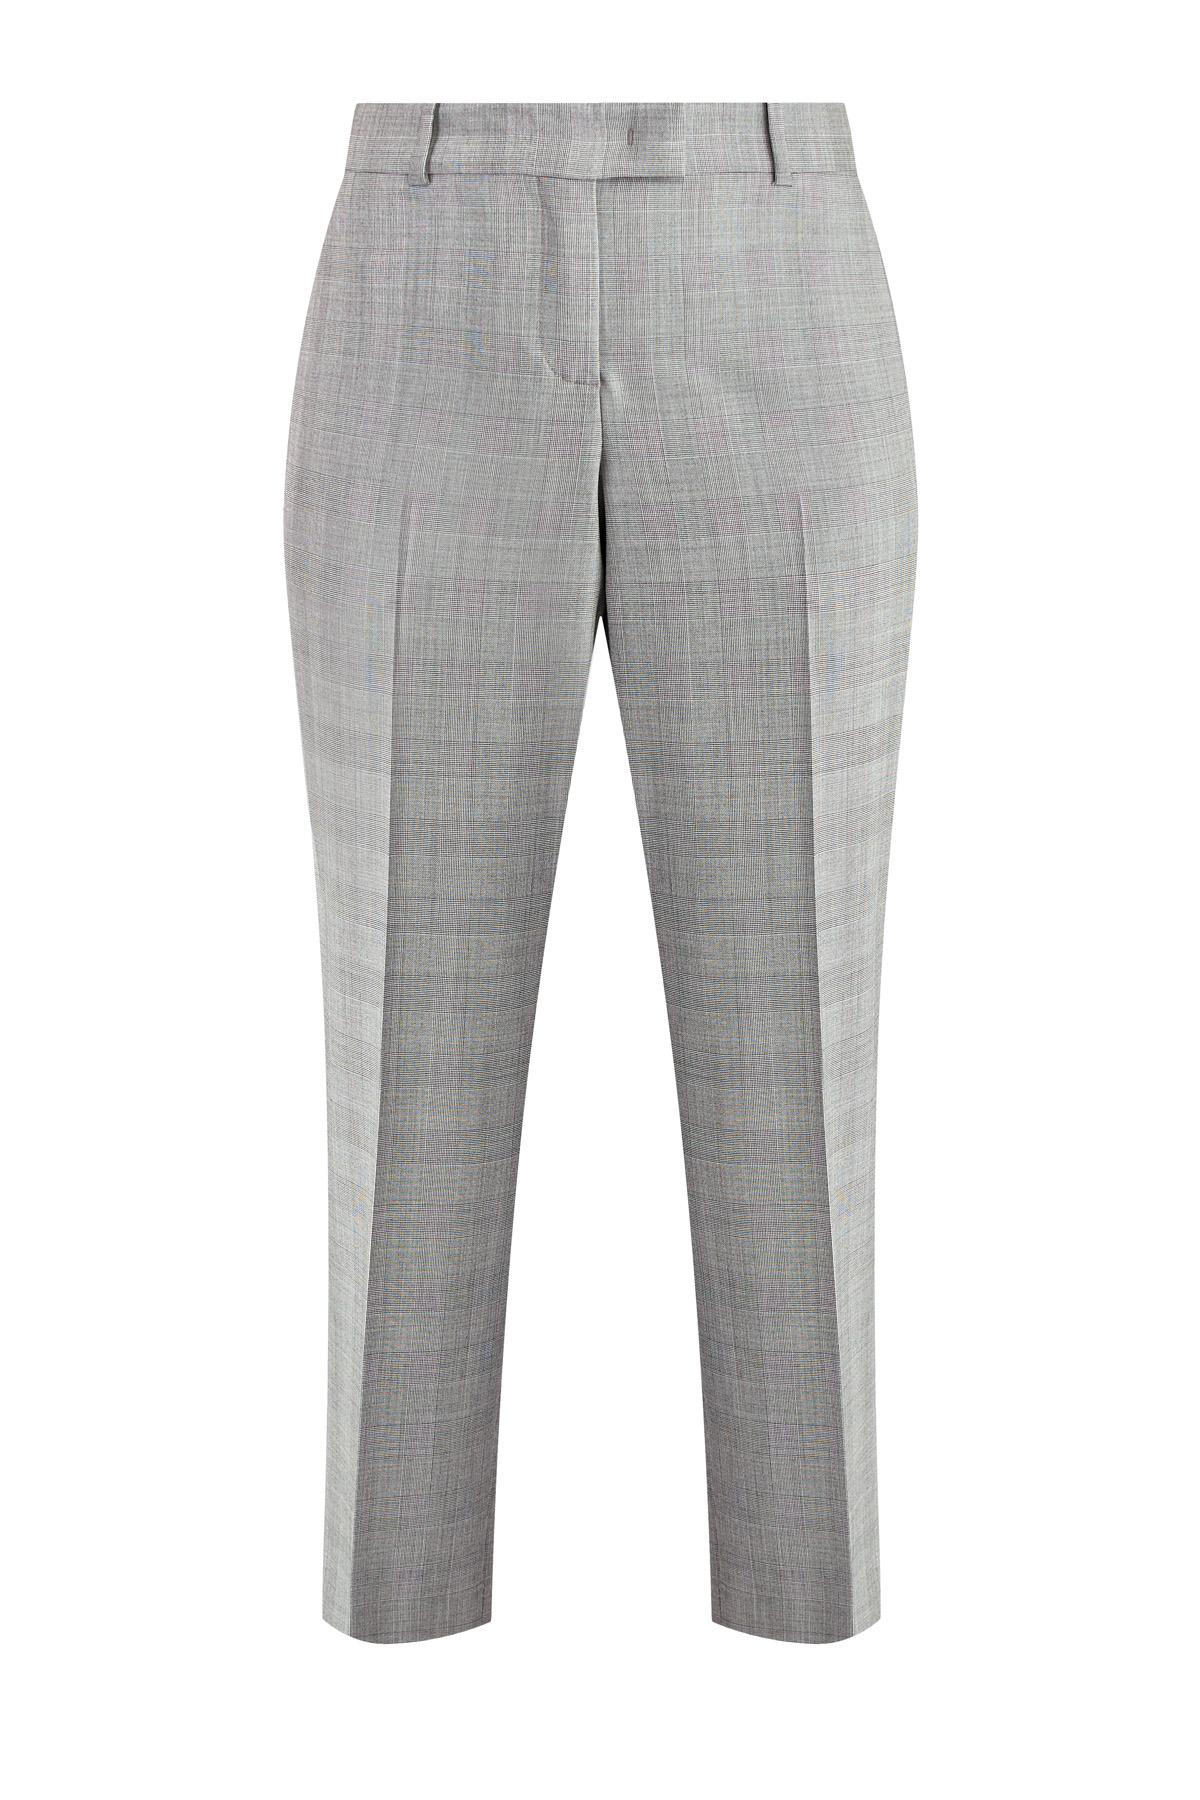 Купить Классические брюки из шерстяной ткани с принтом «Принц Уэльский», ERMANNO SCERVINO, Италия, шерсть 100%